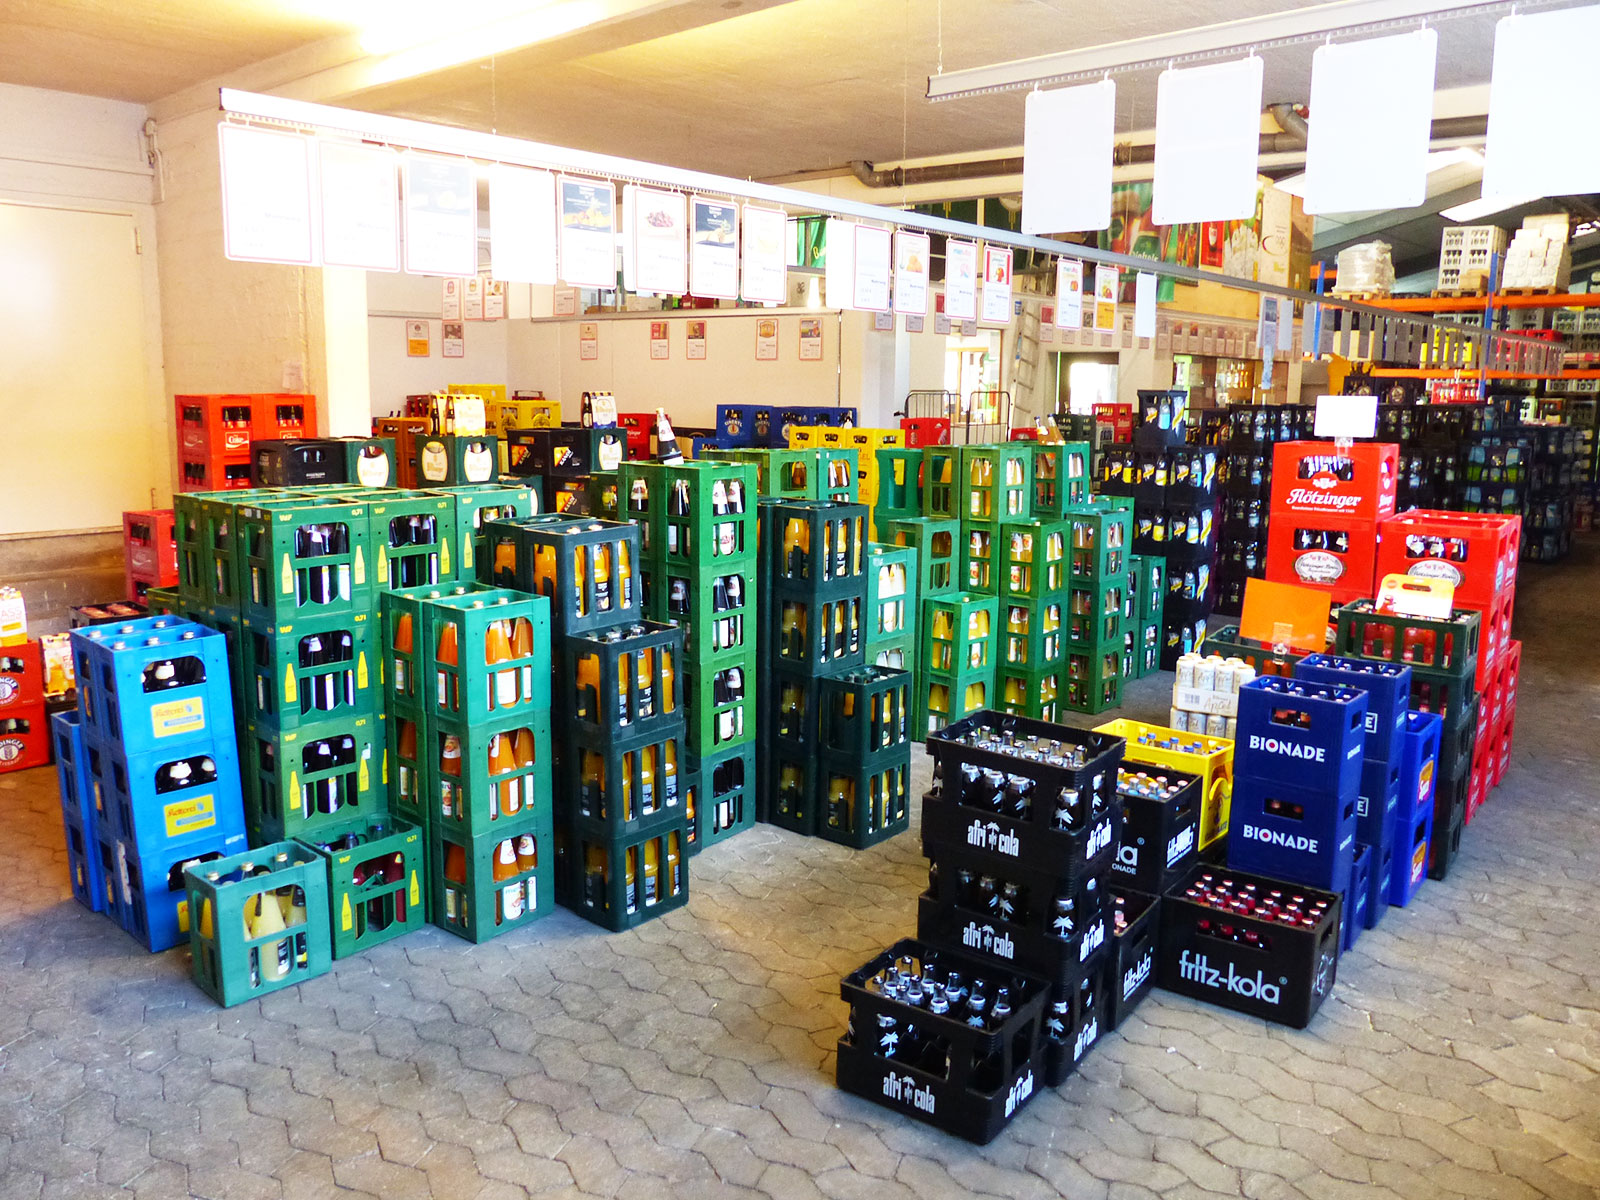 Getränke auf Kommission & Festausstattung für Feiern und Veranstaltungen von Getränke Zappei - Der Spezialist rund um Ihren Durst in Cochem Sehl an der Mosel